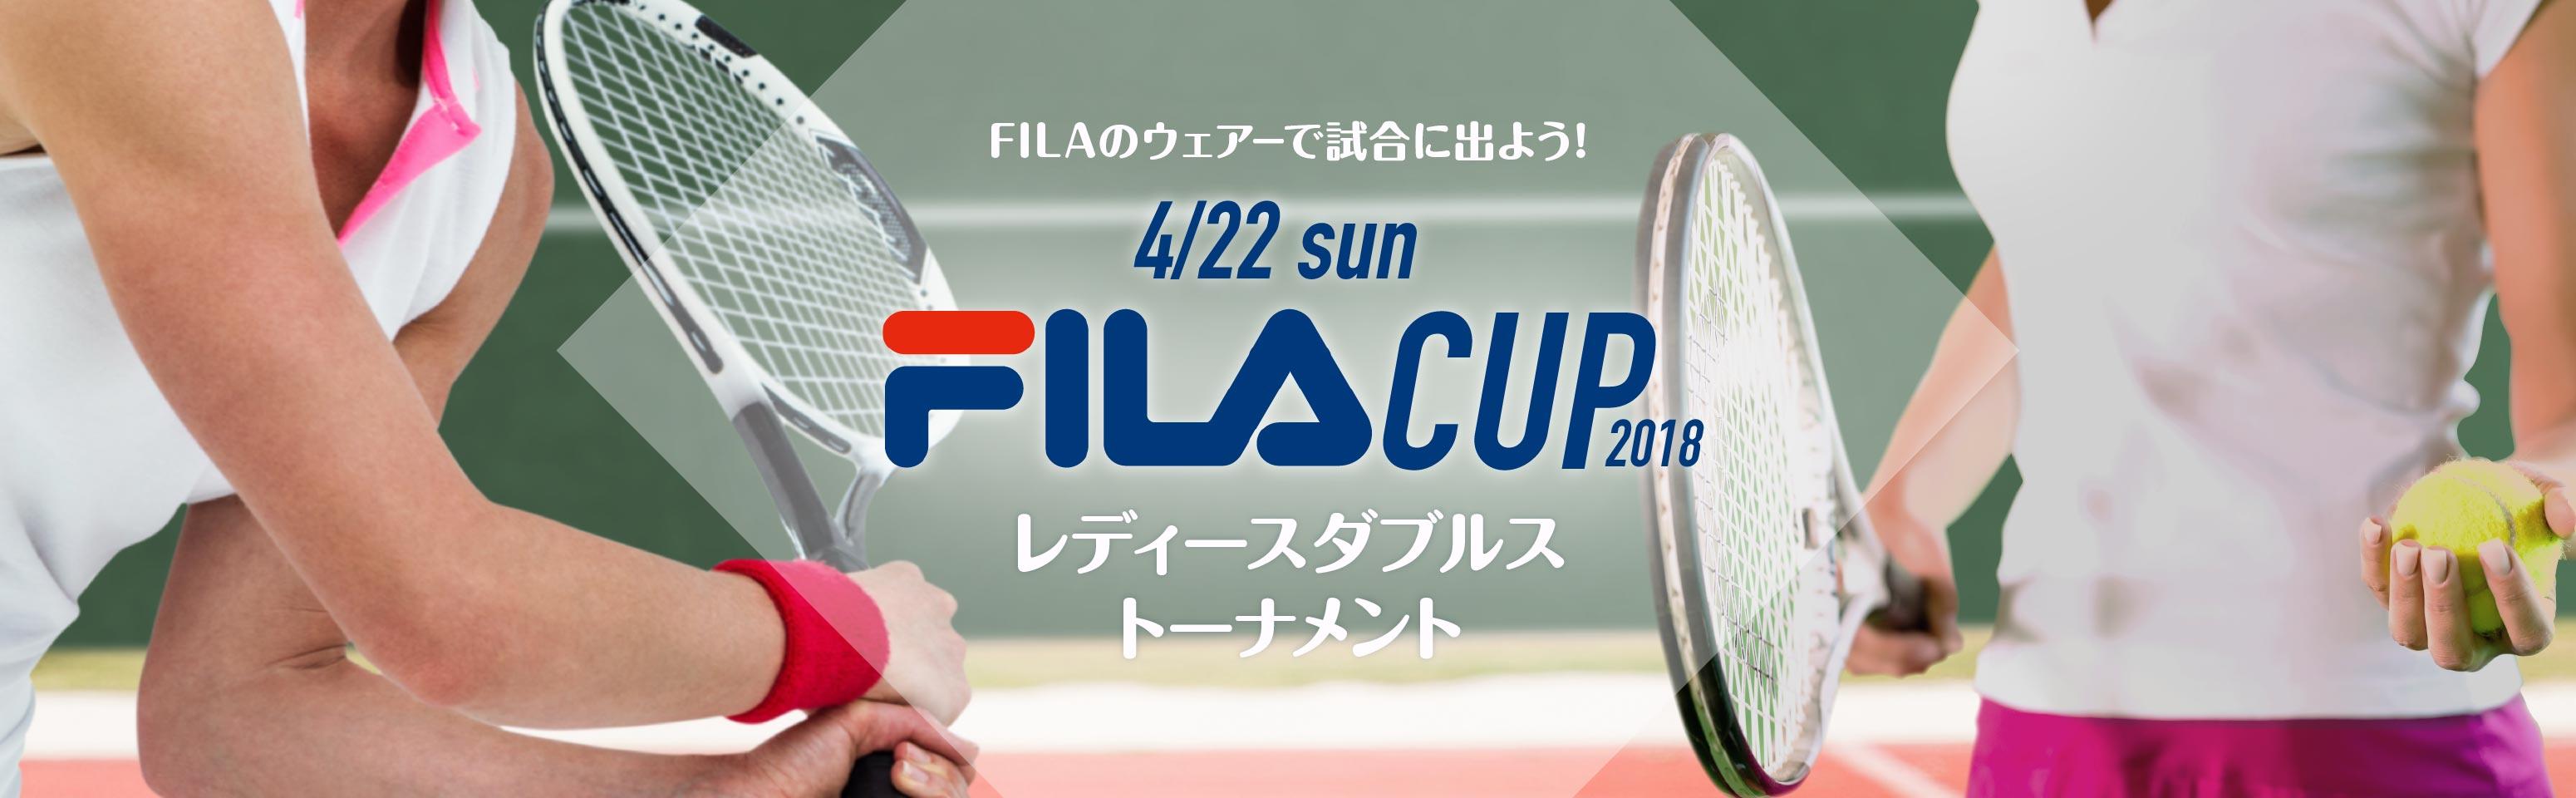 2018年4月22日FILACUPレディースダブルストーナメント